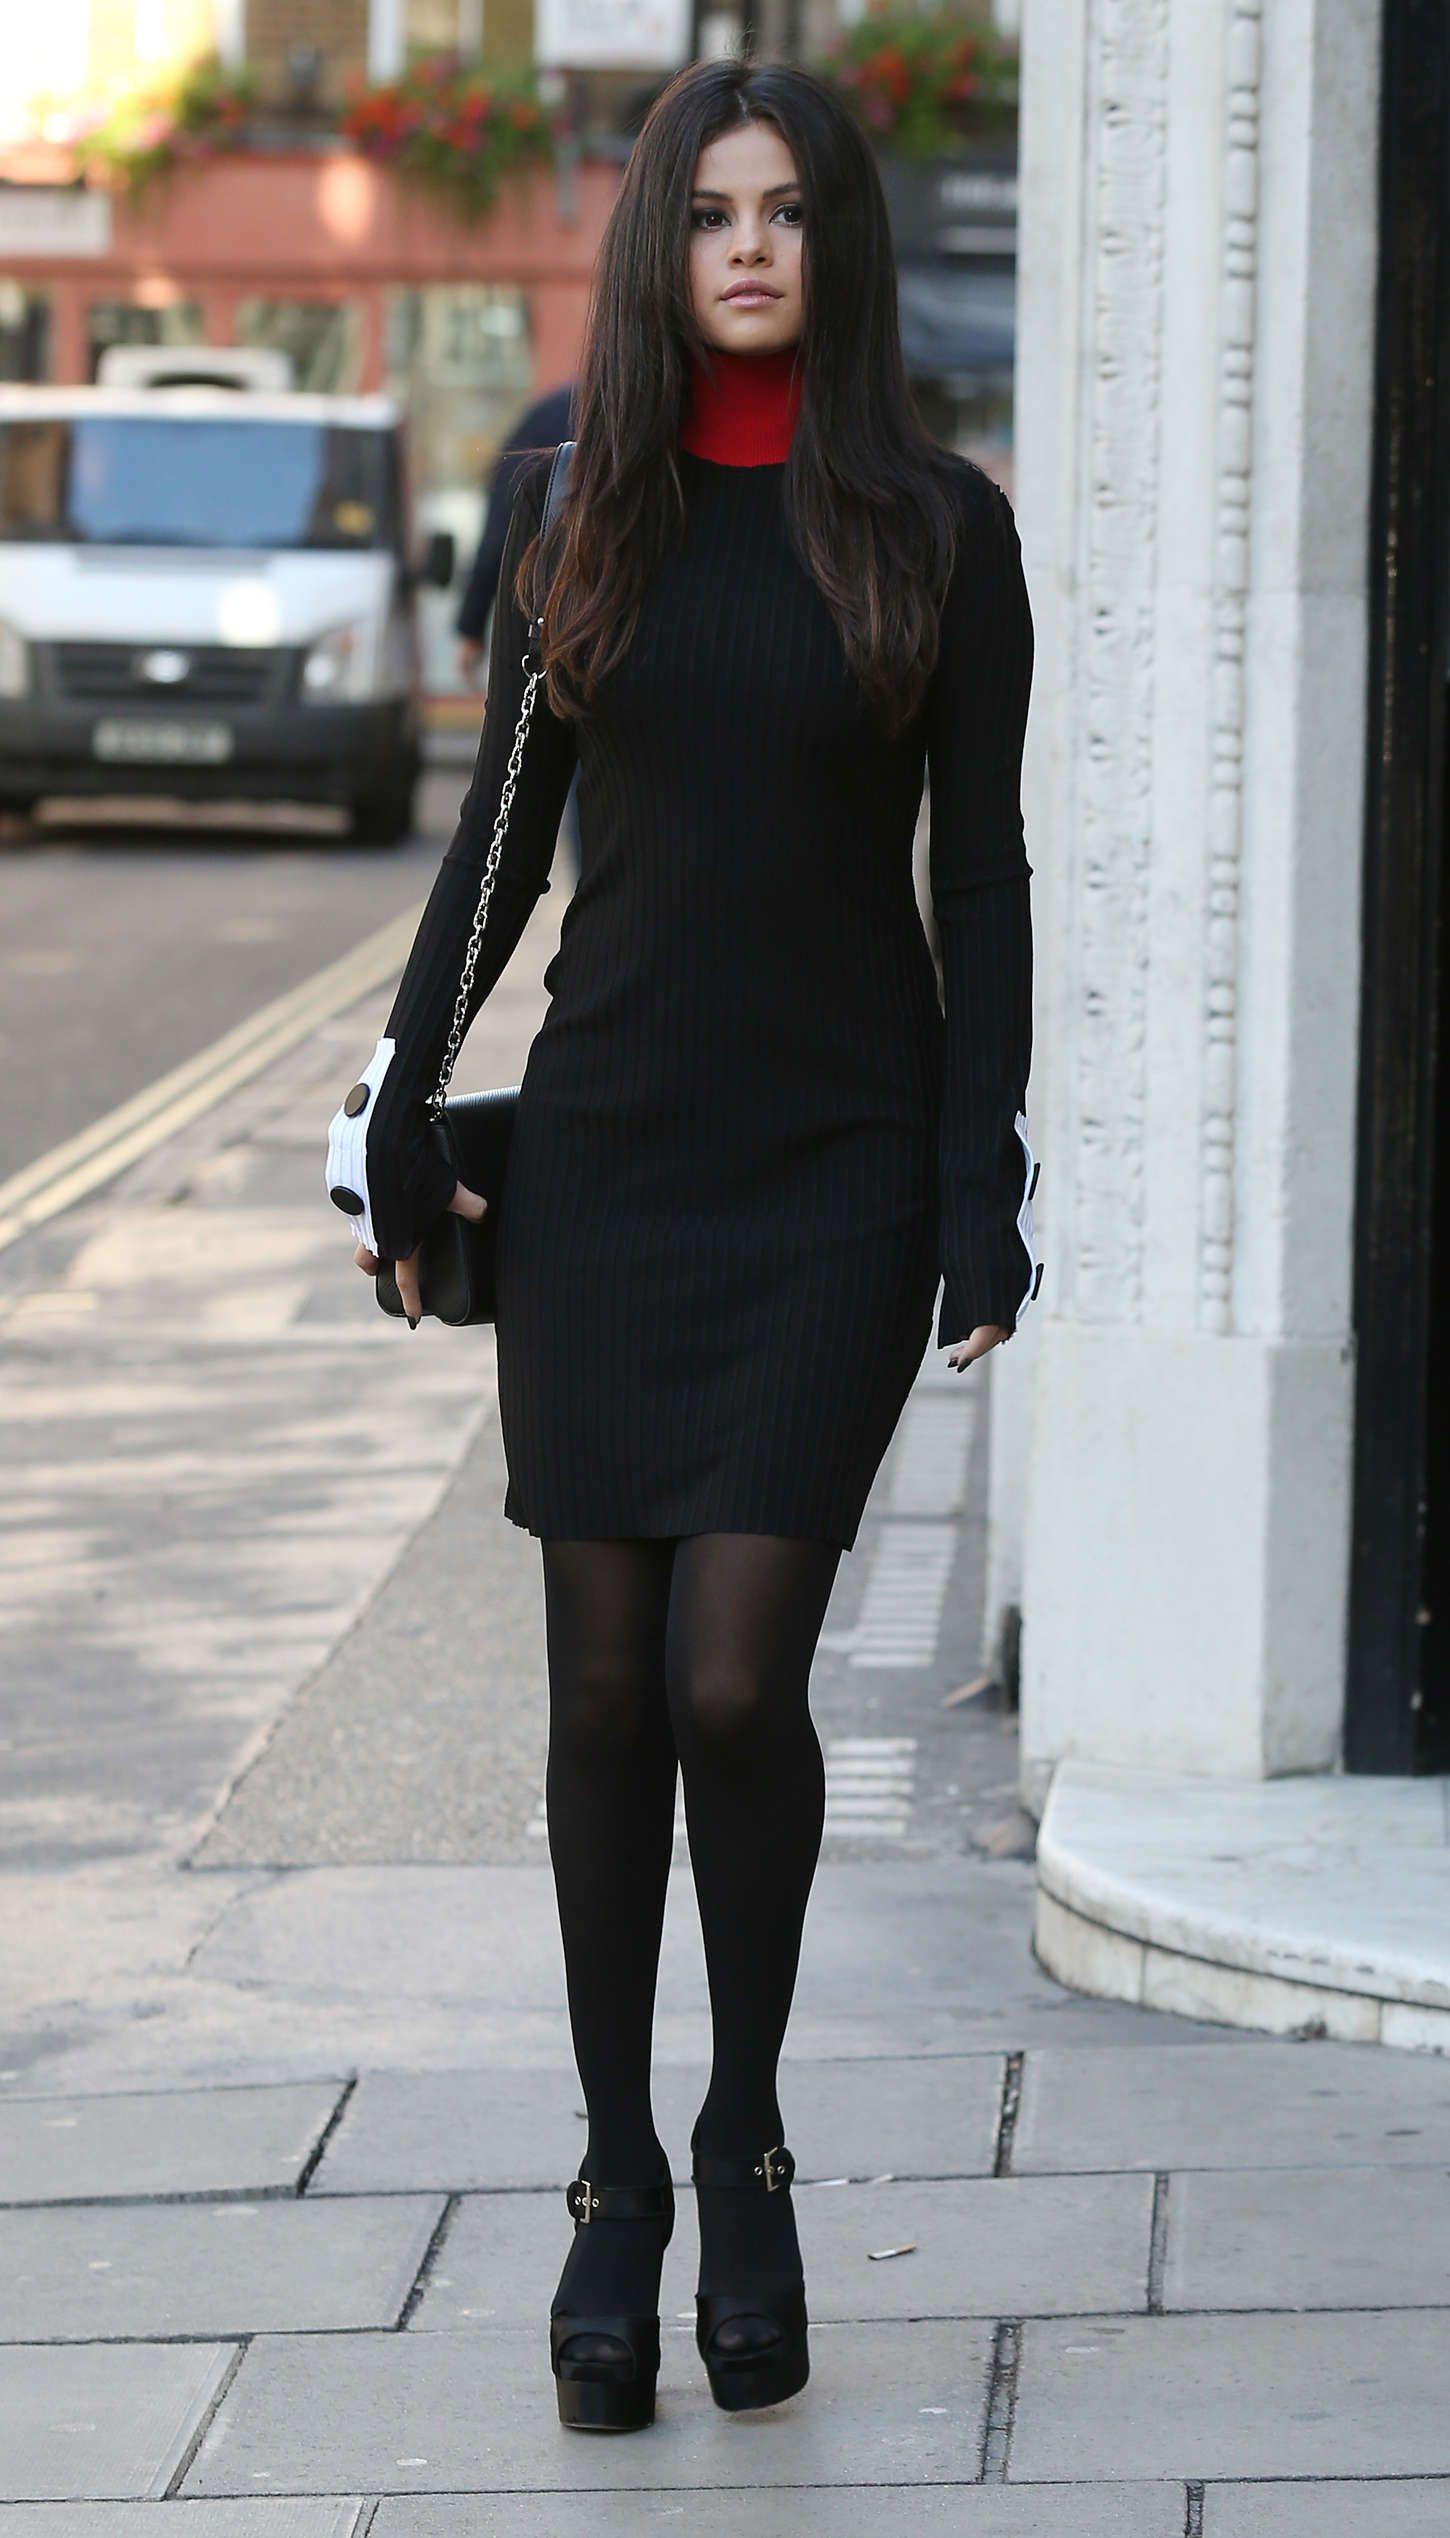 d12a2e53e65 Selena Gomez in Tight Black Dress -11